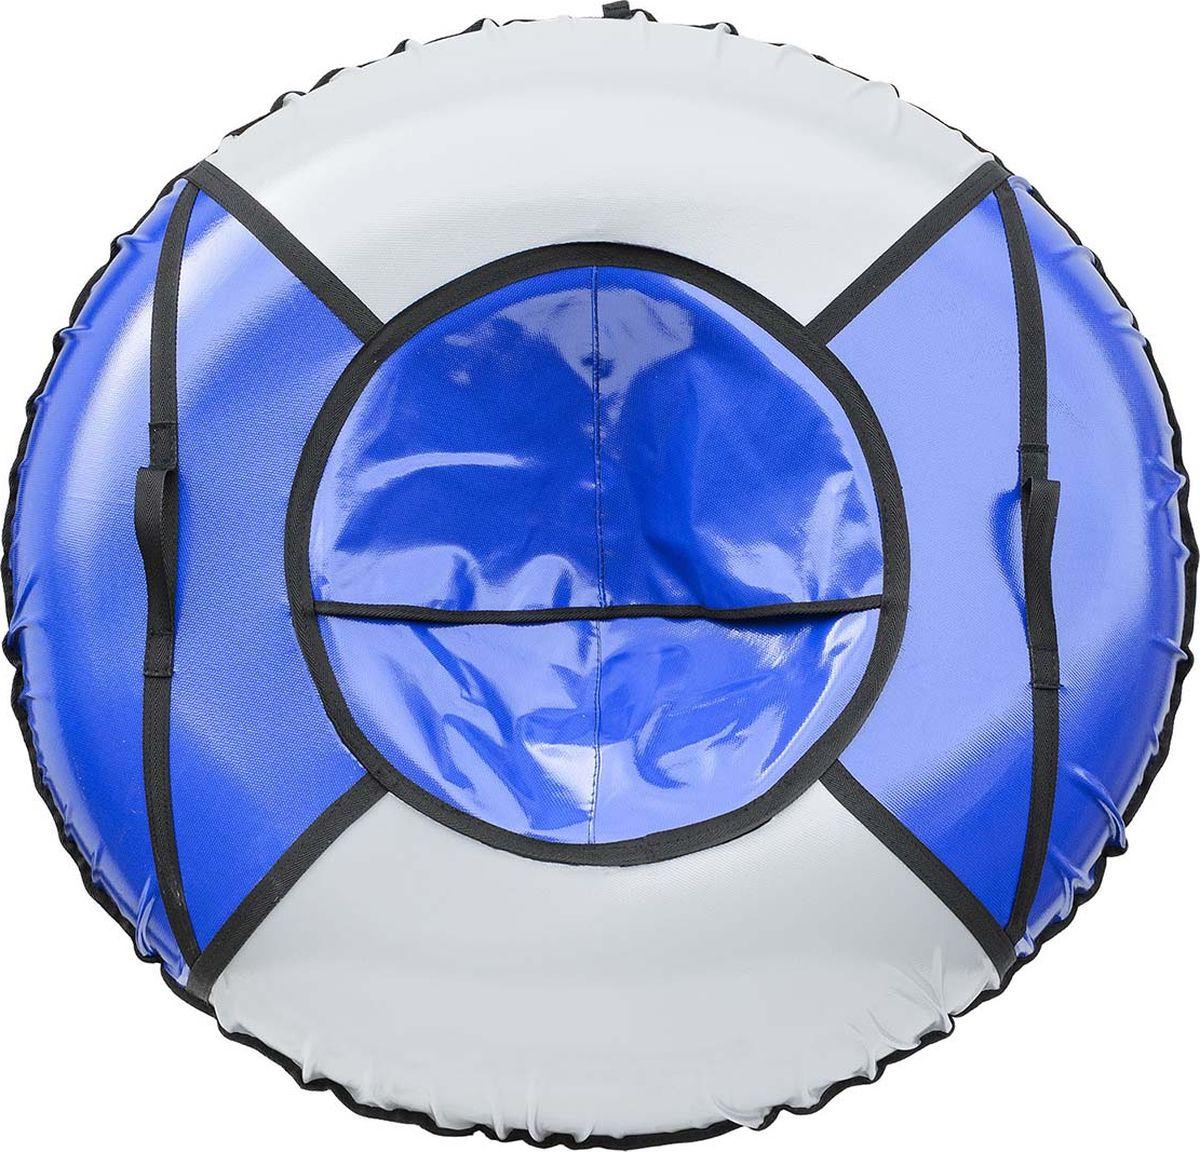 Тюбинг Эх, Прокачу! Профи-4, цвет: серый, синий, 115 смСП115-4-4Качественные бюджетные санки-ватрушки для катания по снегу из 4 секций * размеры указаны в надутом состоянии * дно изготовлено из ткани ПВХ 630г/м2 * верх изготовлен из ткани ПВХ 630гр/м2 * камера российского производства * буксировочный ремень * морозоустойчивость -45 * допускается деформация формы санок из-за неравномерности надутия камеры